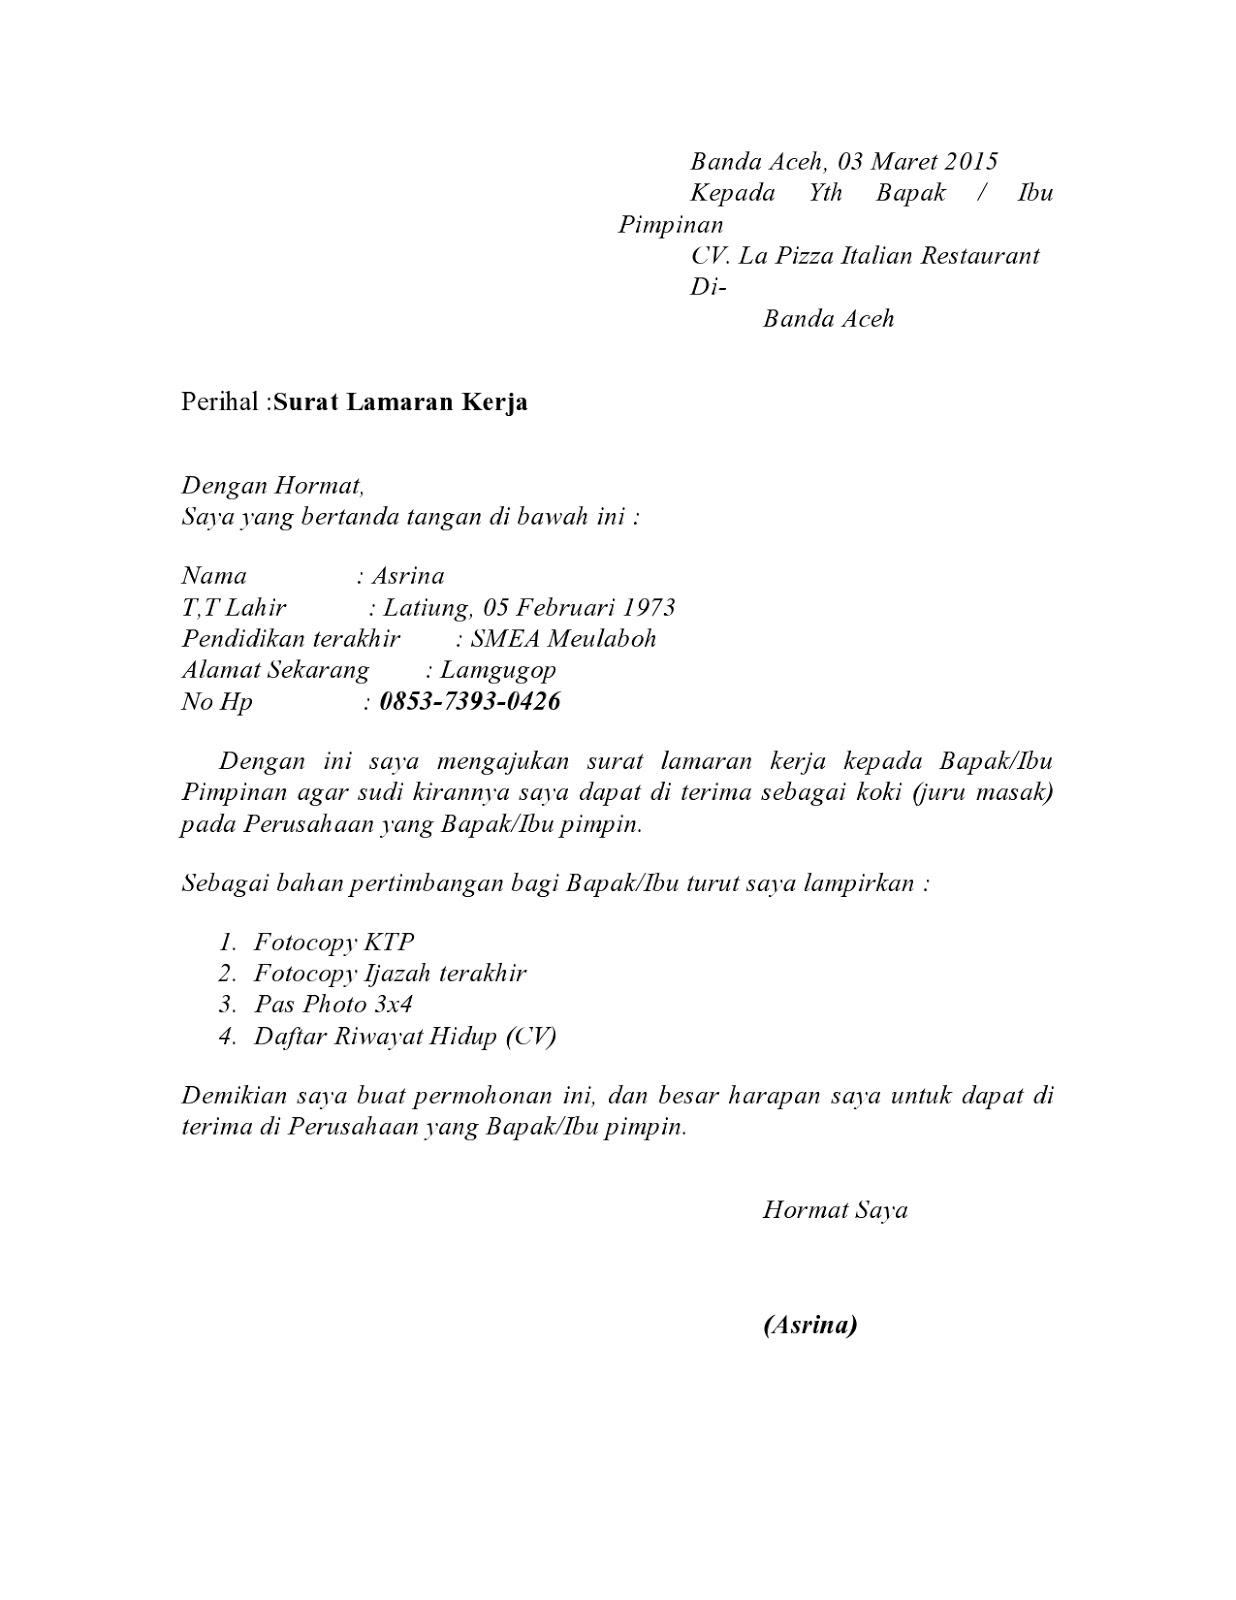 Surat Lamaran Kerja Simple : surat, lamaran, kerja, simple, Contoh, Surat, Lamaran, Kerja, Bahasa, Inggris, Simple, Artinya